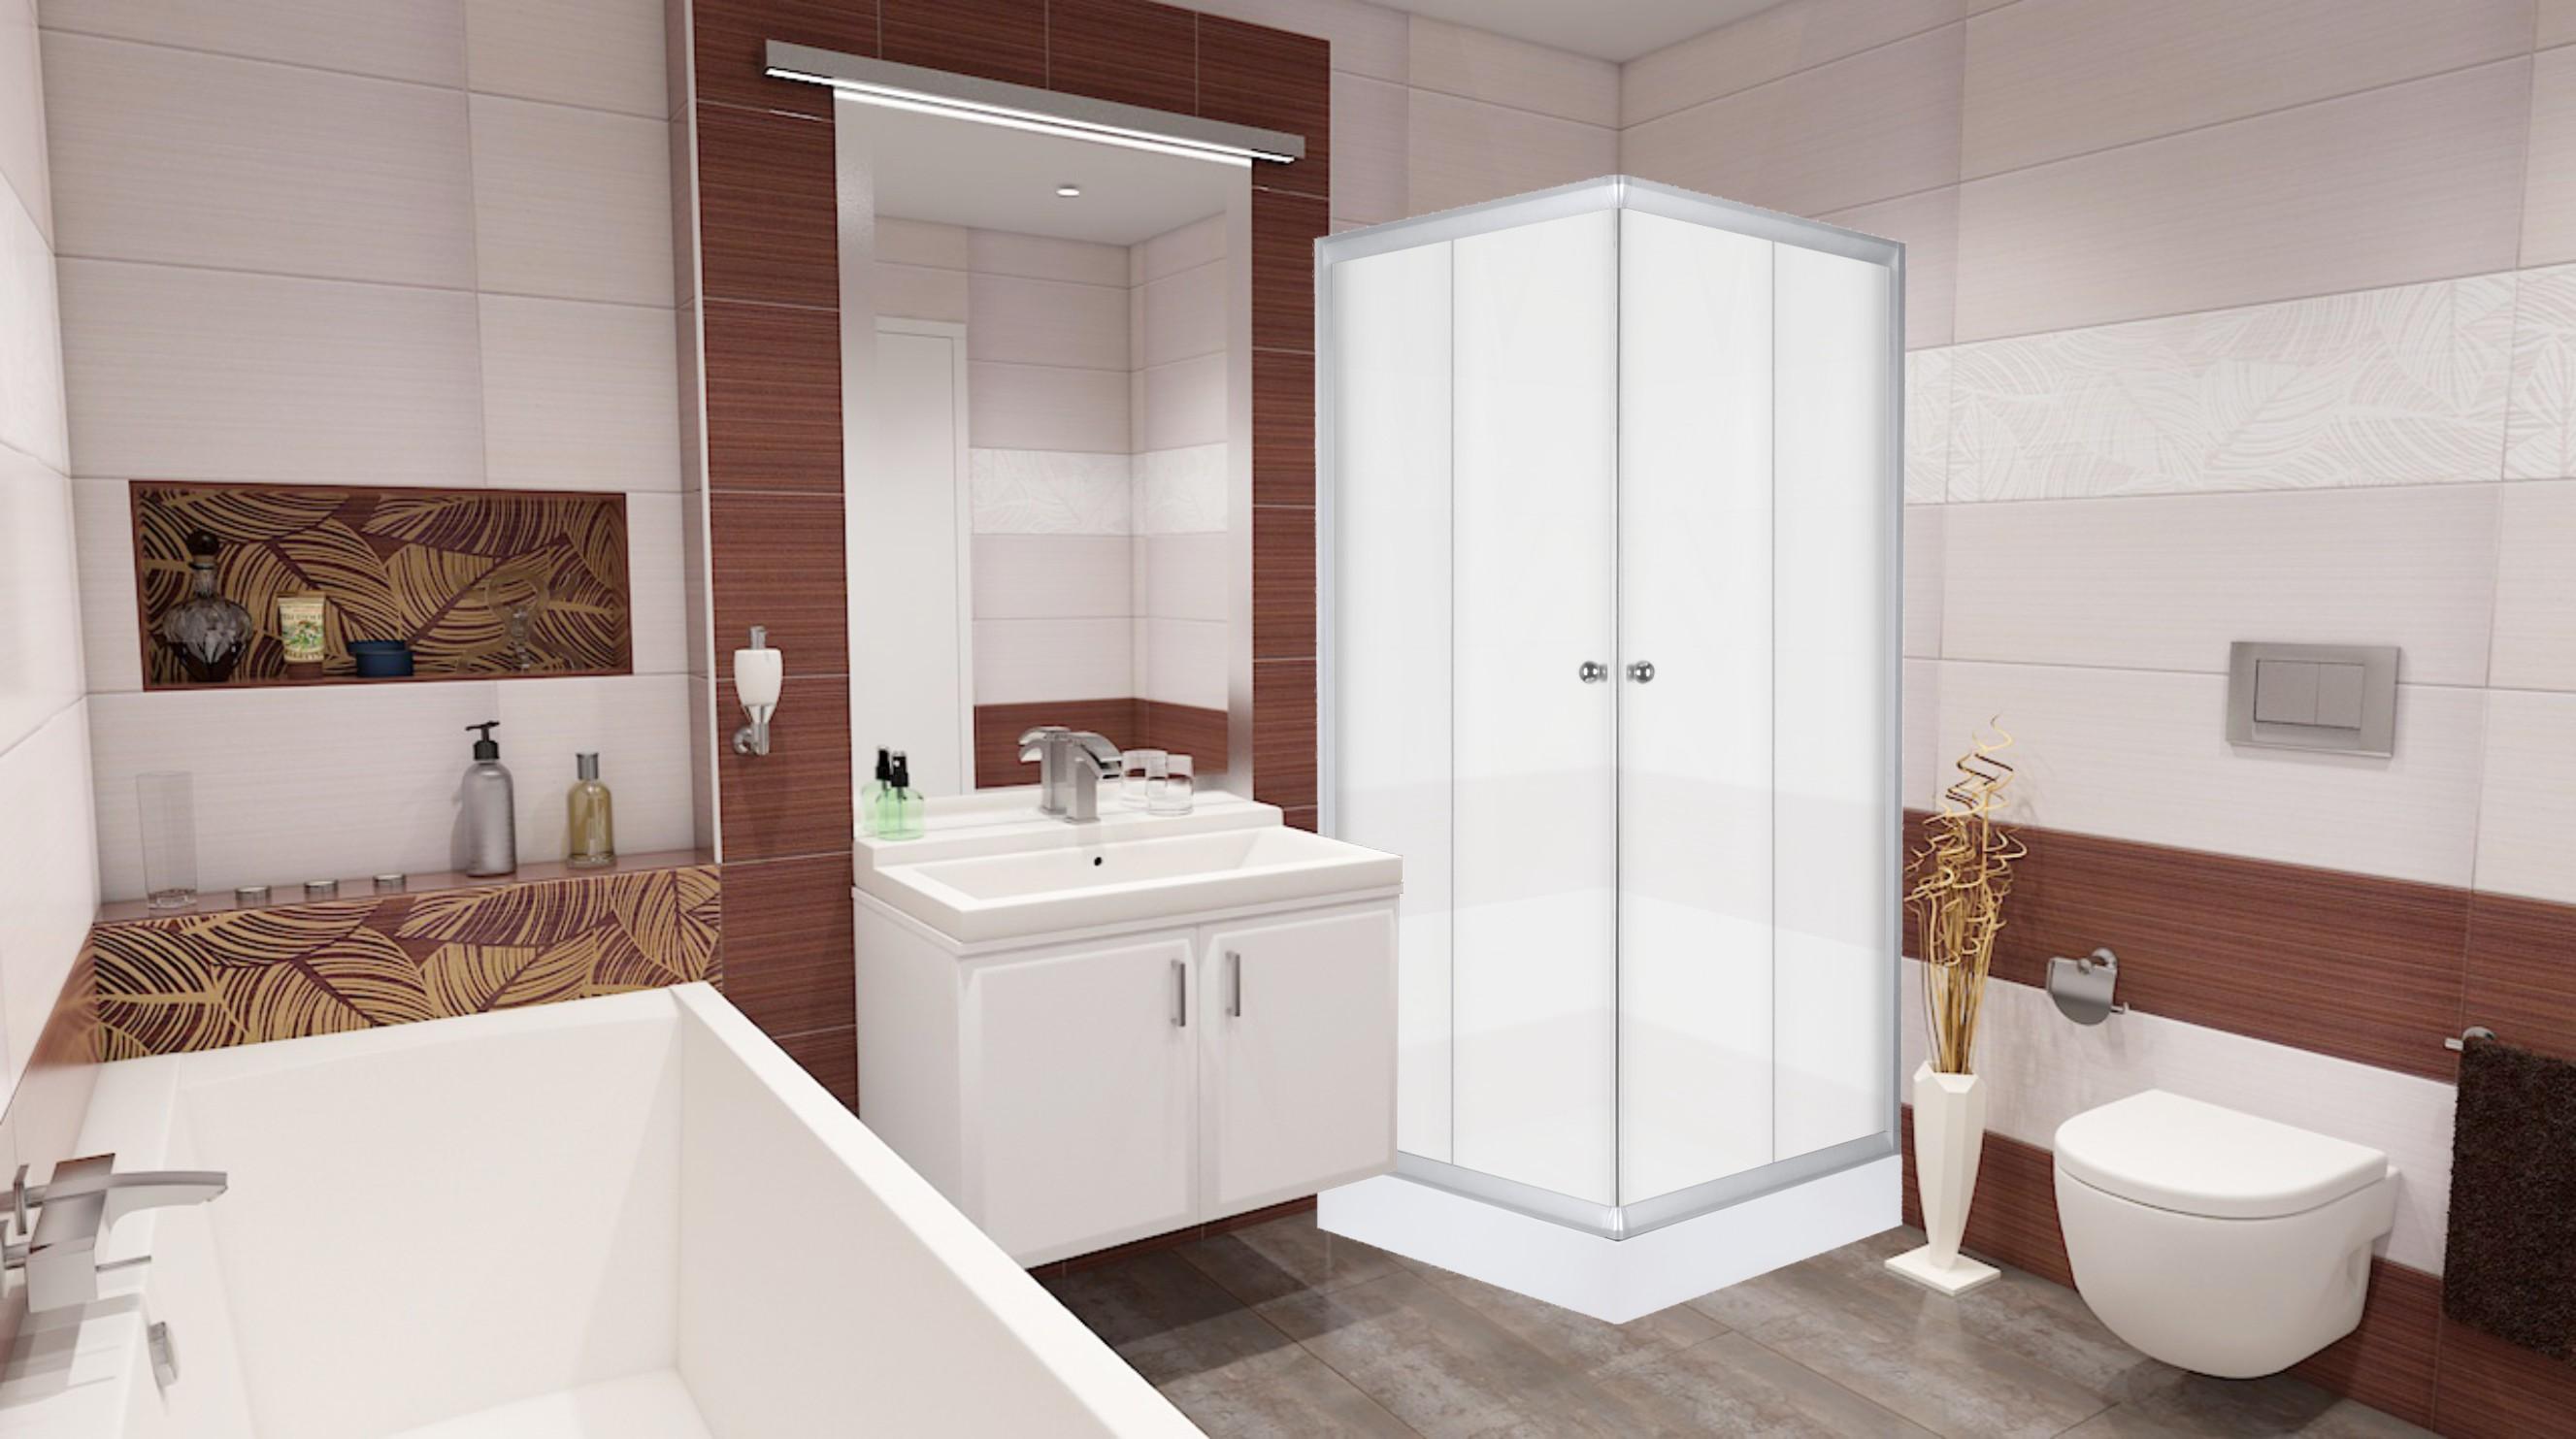 FRANK Q 1570 Well sprchový kout čtvercový s akrylátovou vaničkou, skladem